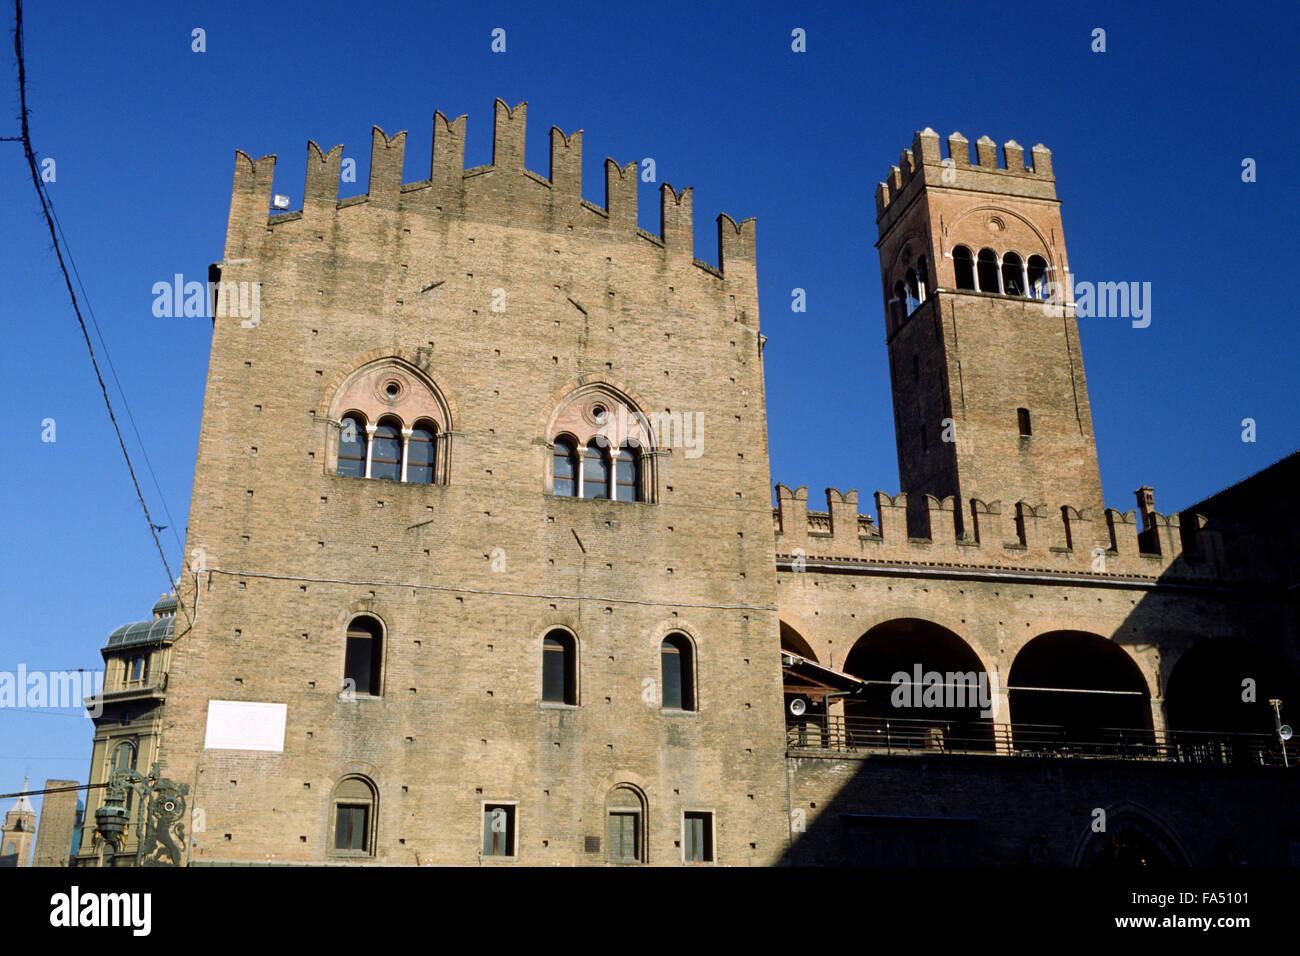 italy, emilia romagna, bologna, piazza del nettuno, palazzo di re enzo (thirteenth century) - Stock Image